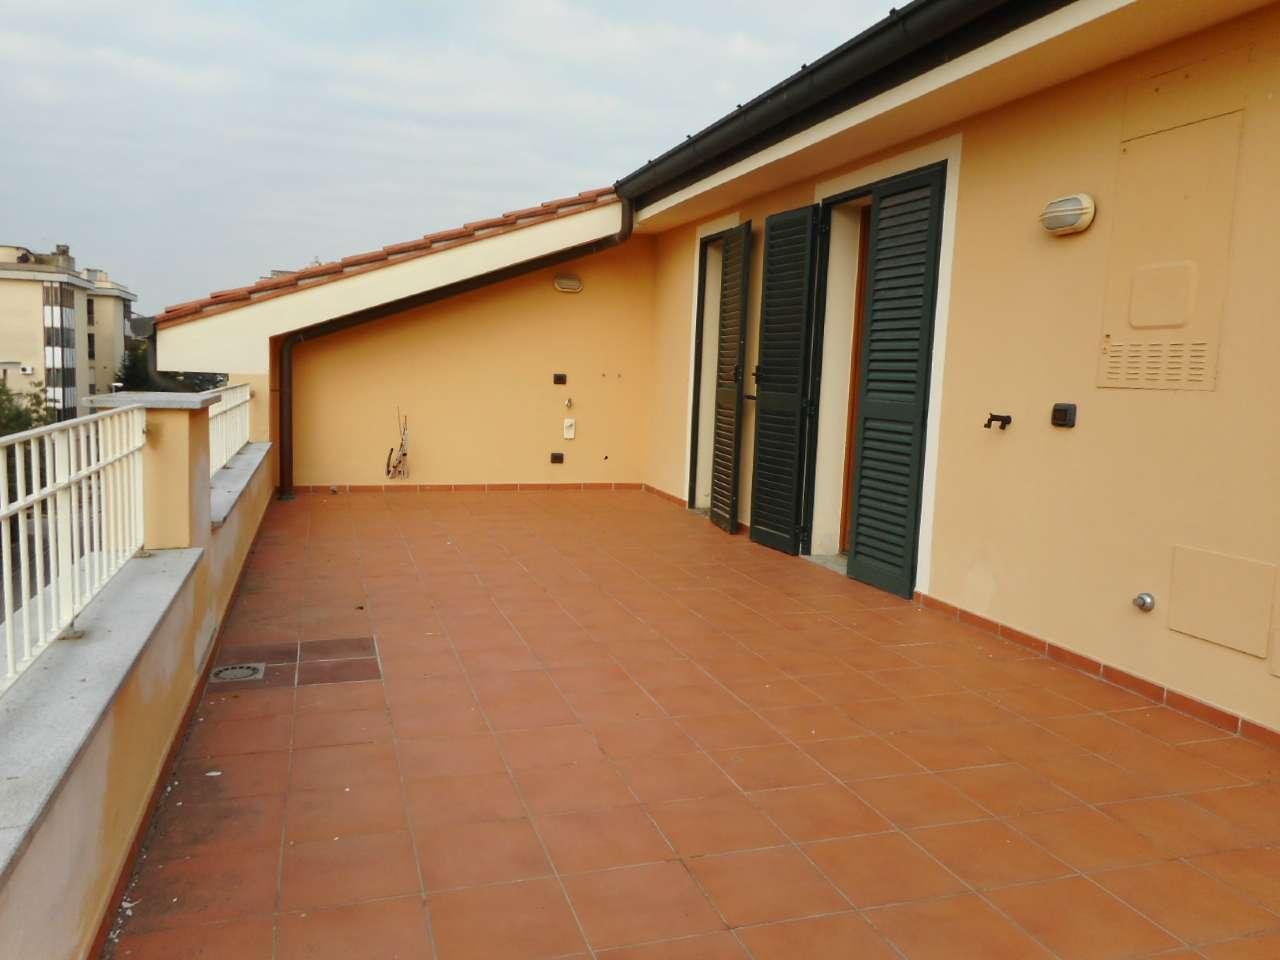 Bilocale mansardato con due ampie terrazze panoramiche